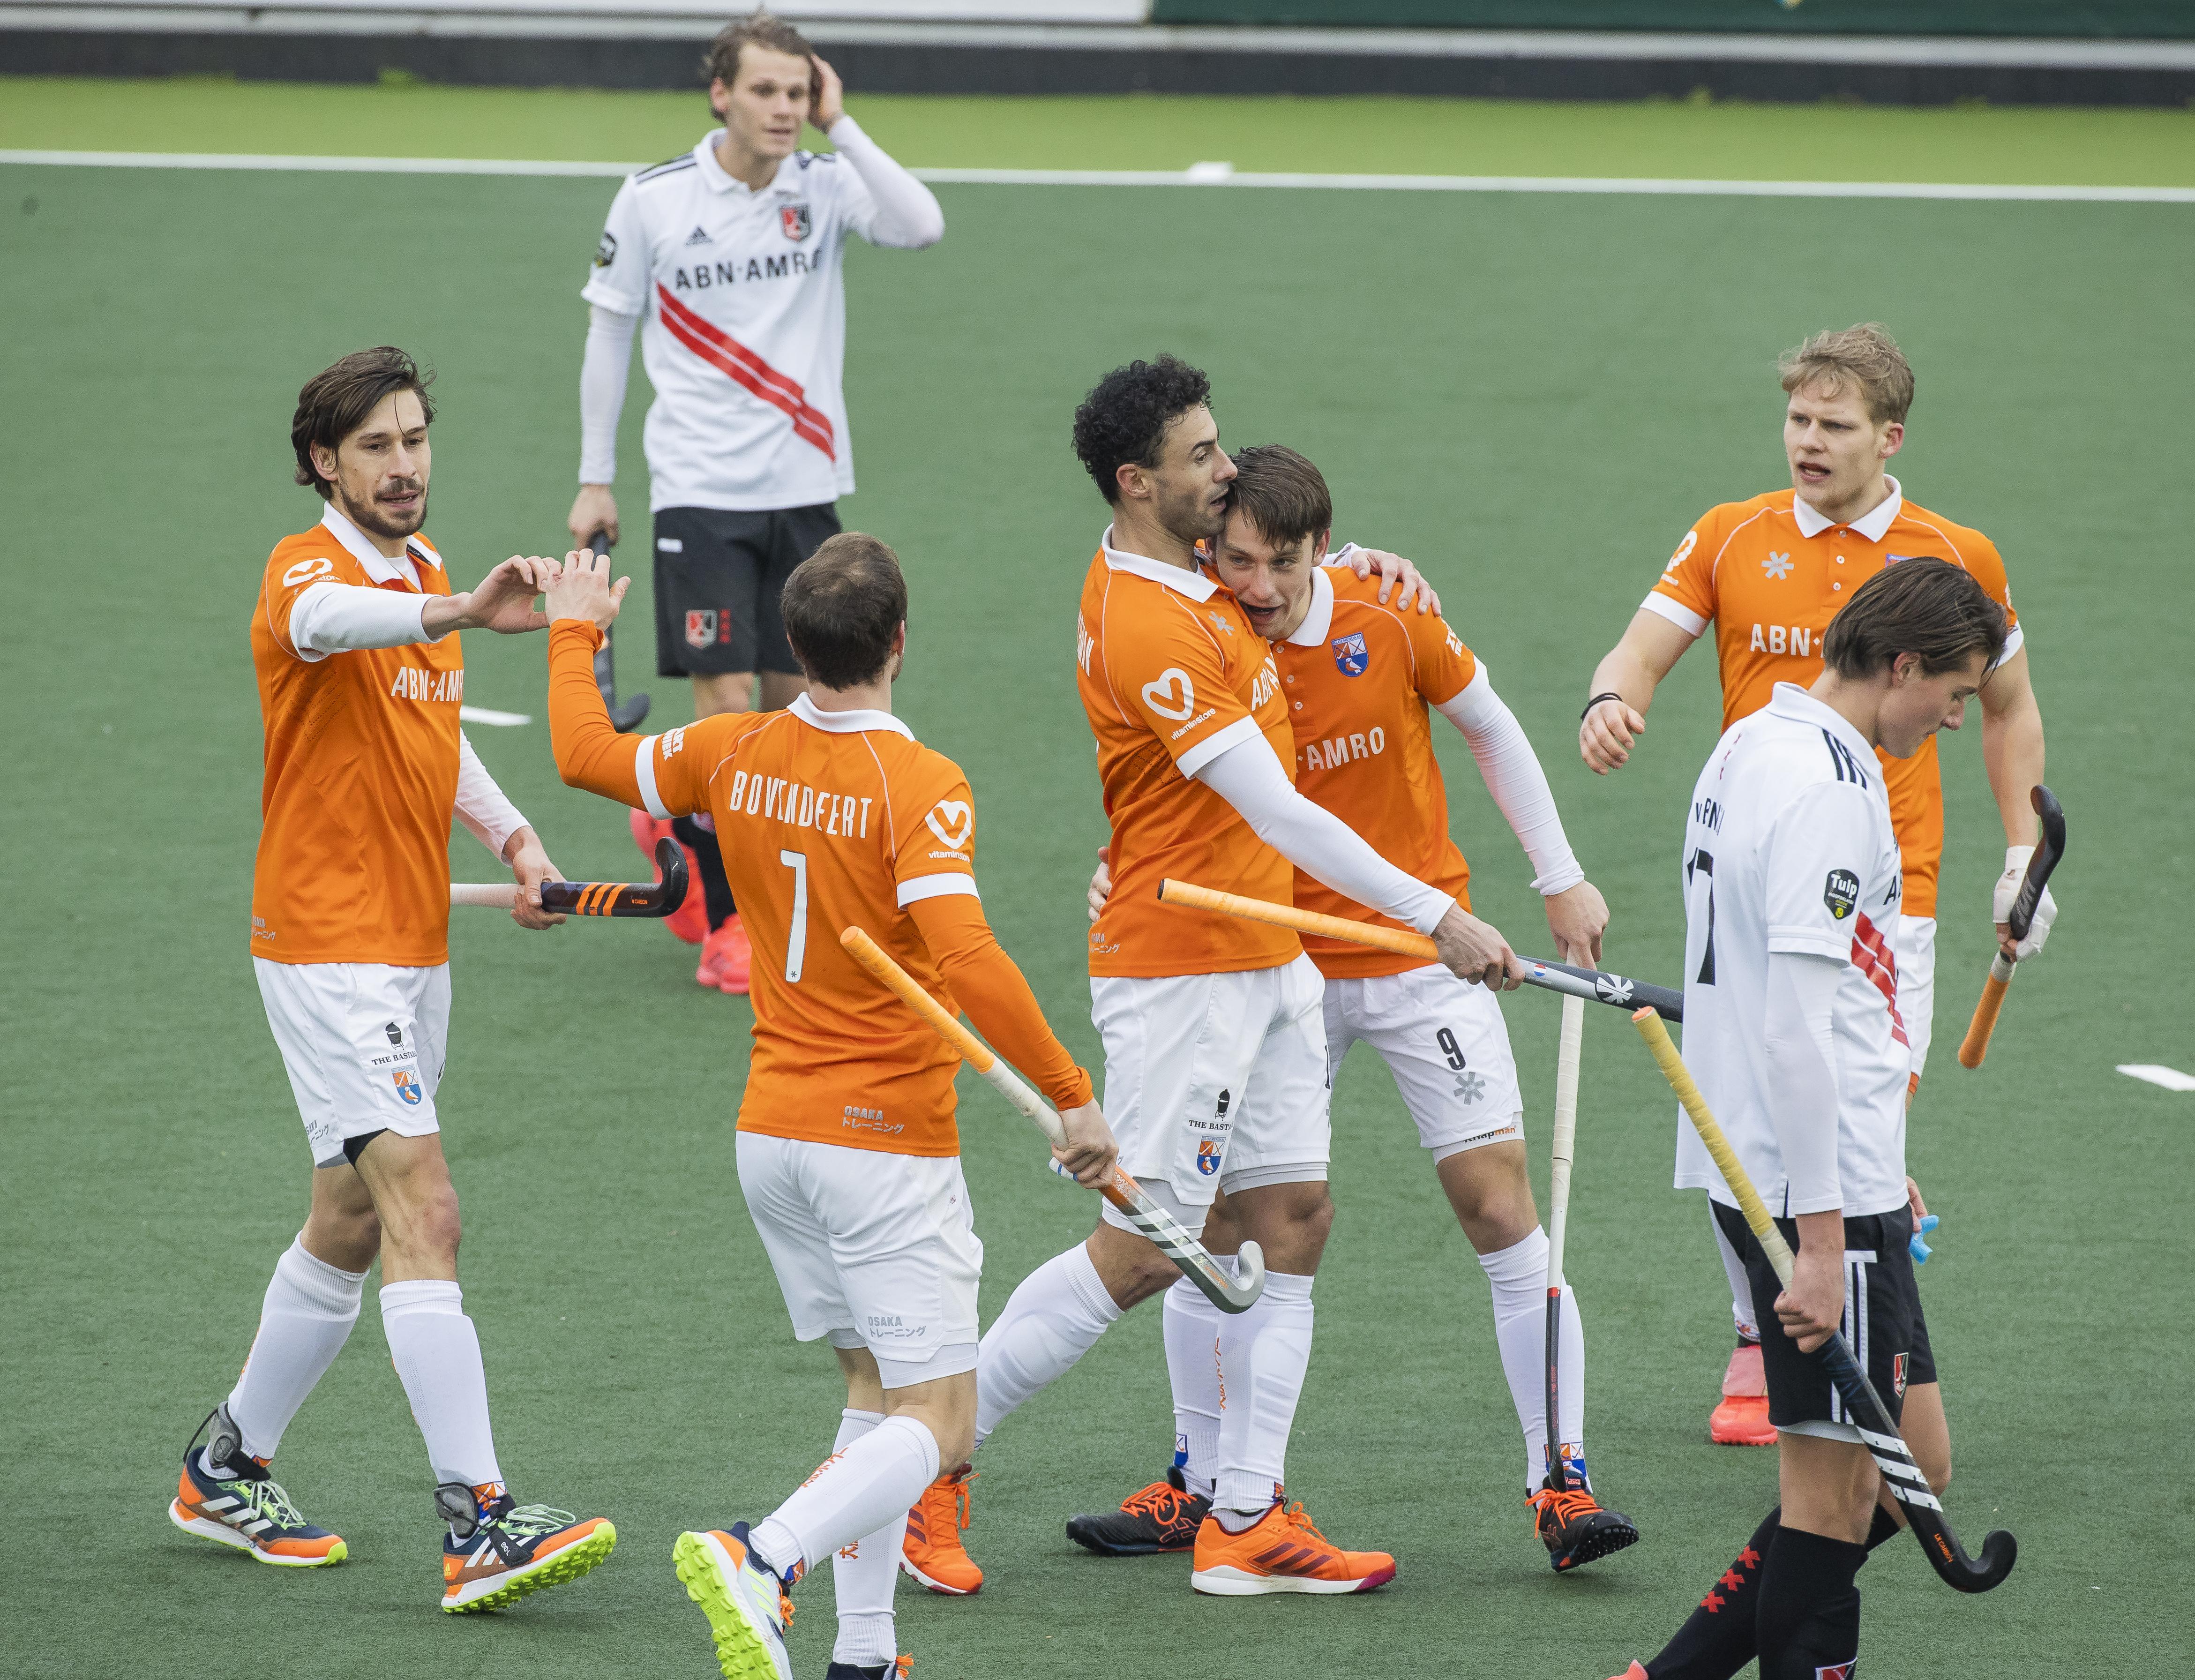 Hockeyploeg Bloemendaal heeft in Amsterdam niets te vrezen van thuisploeg en boekt negende zege van deze competitie